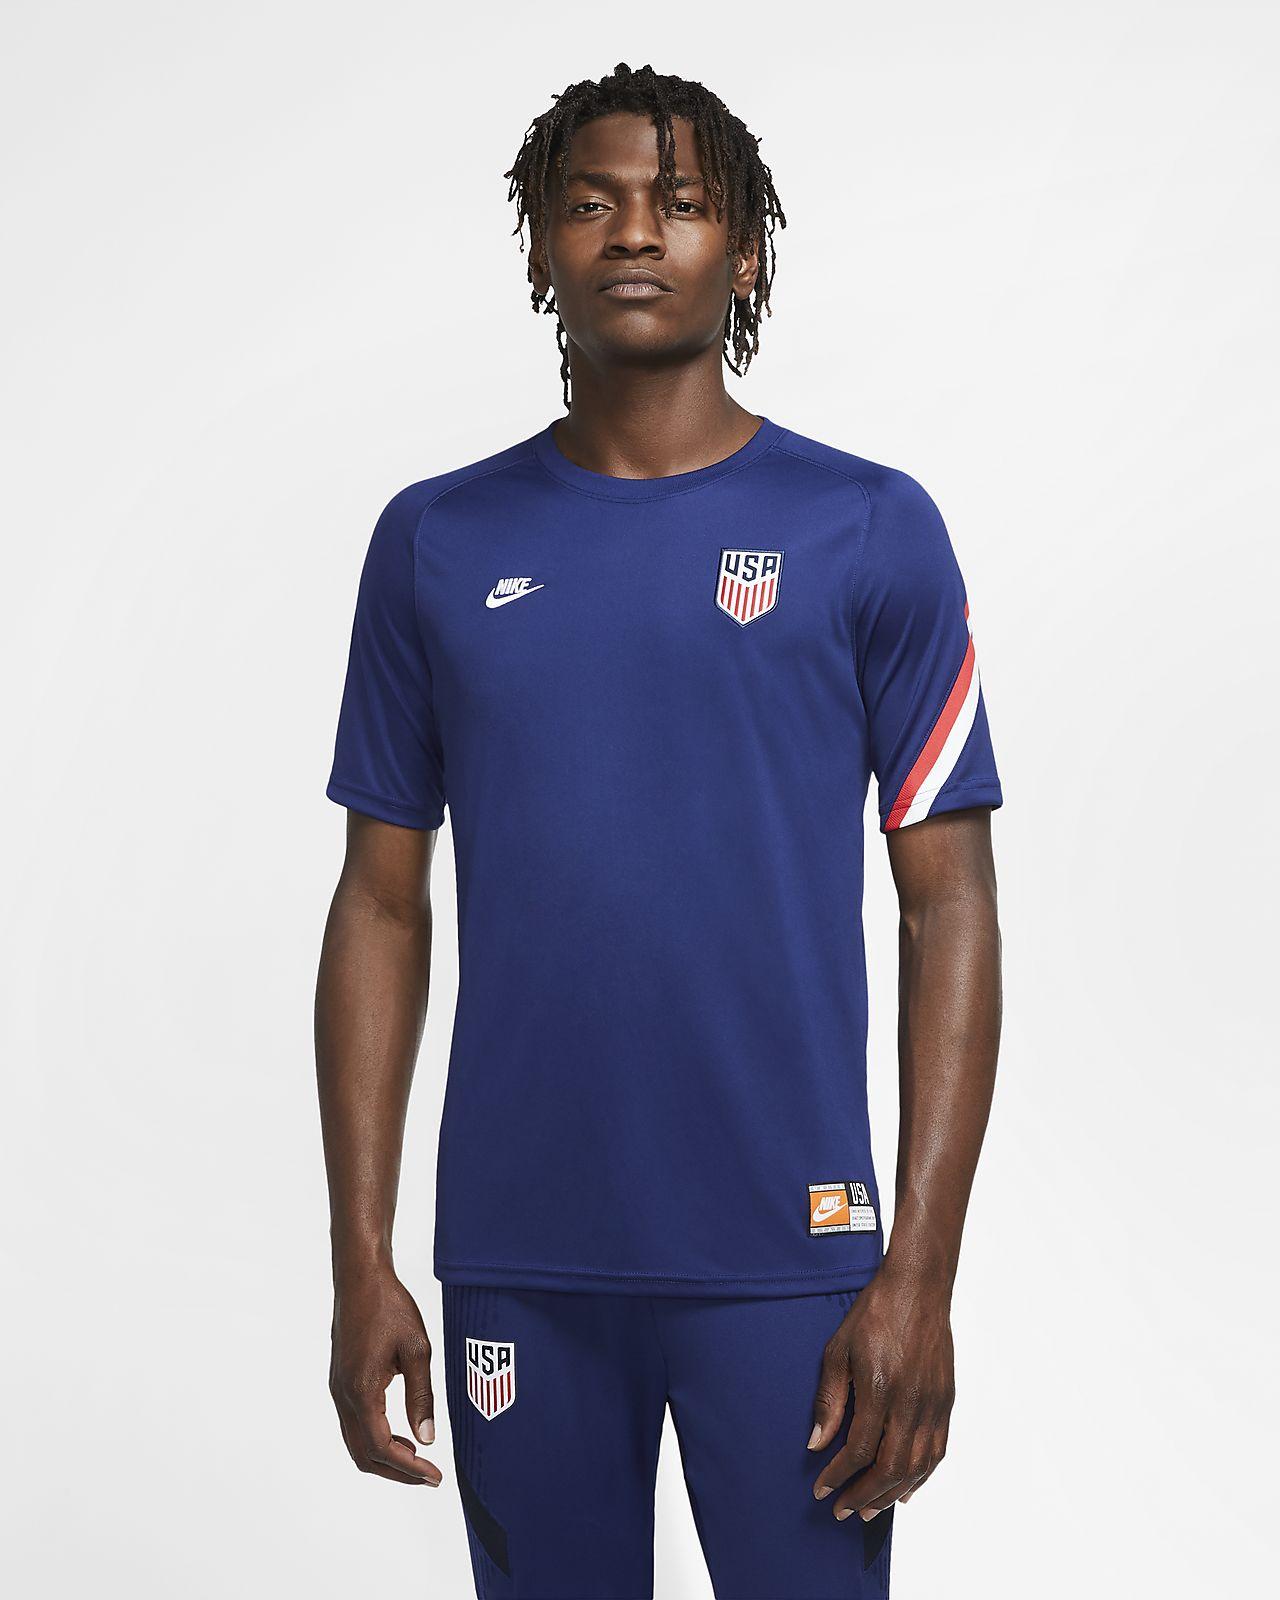 US Football Men's Short-Sleeve Football Top